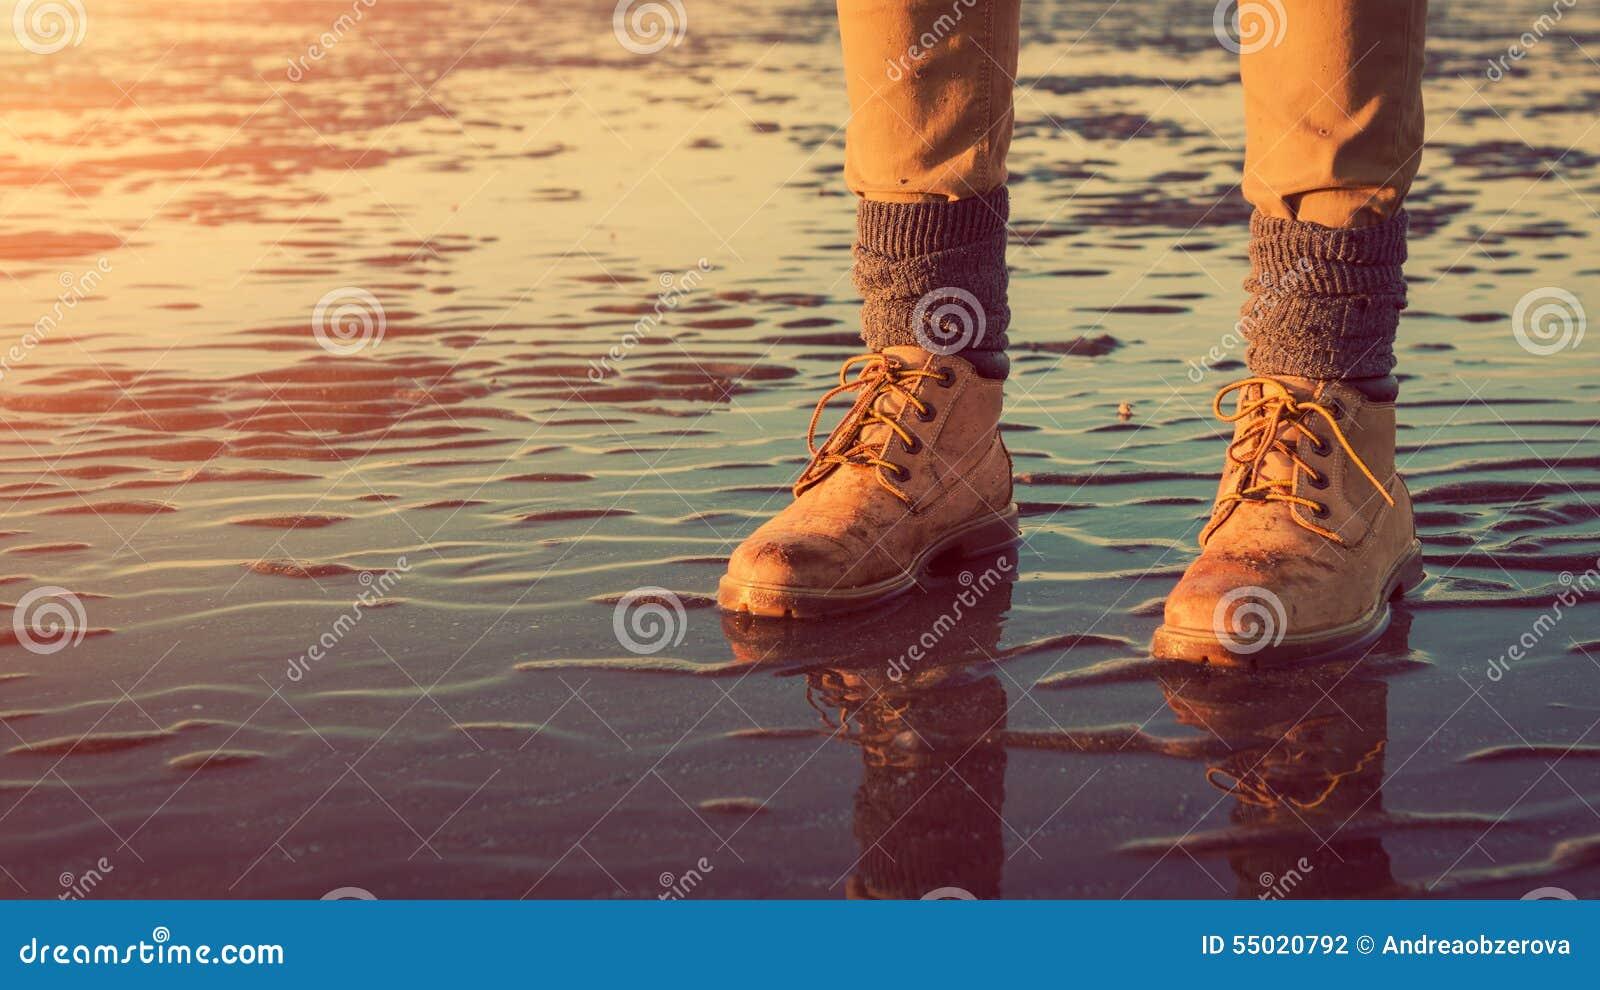 Jeune fille marchant sur une plage à marée basse, pieds de détail, concept d aventure